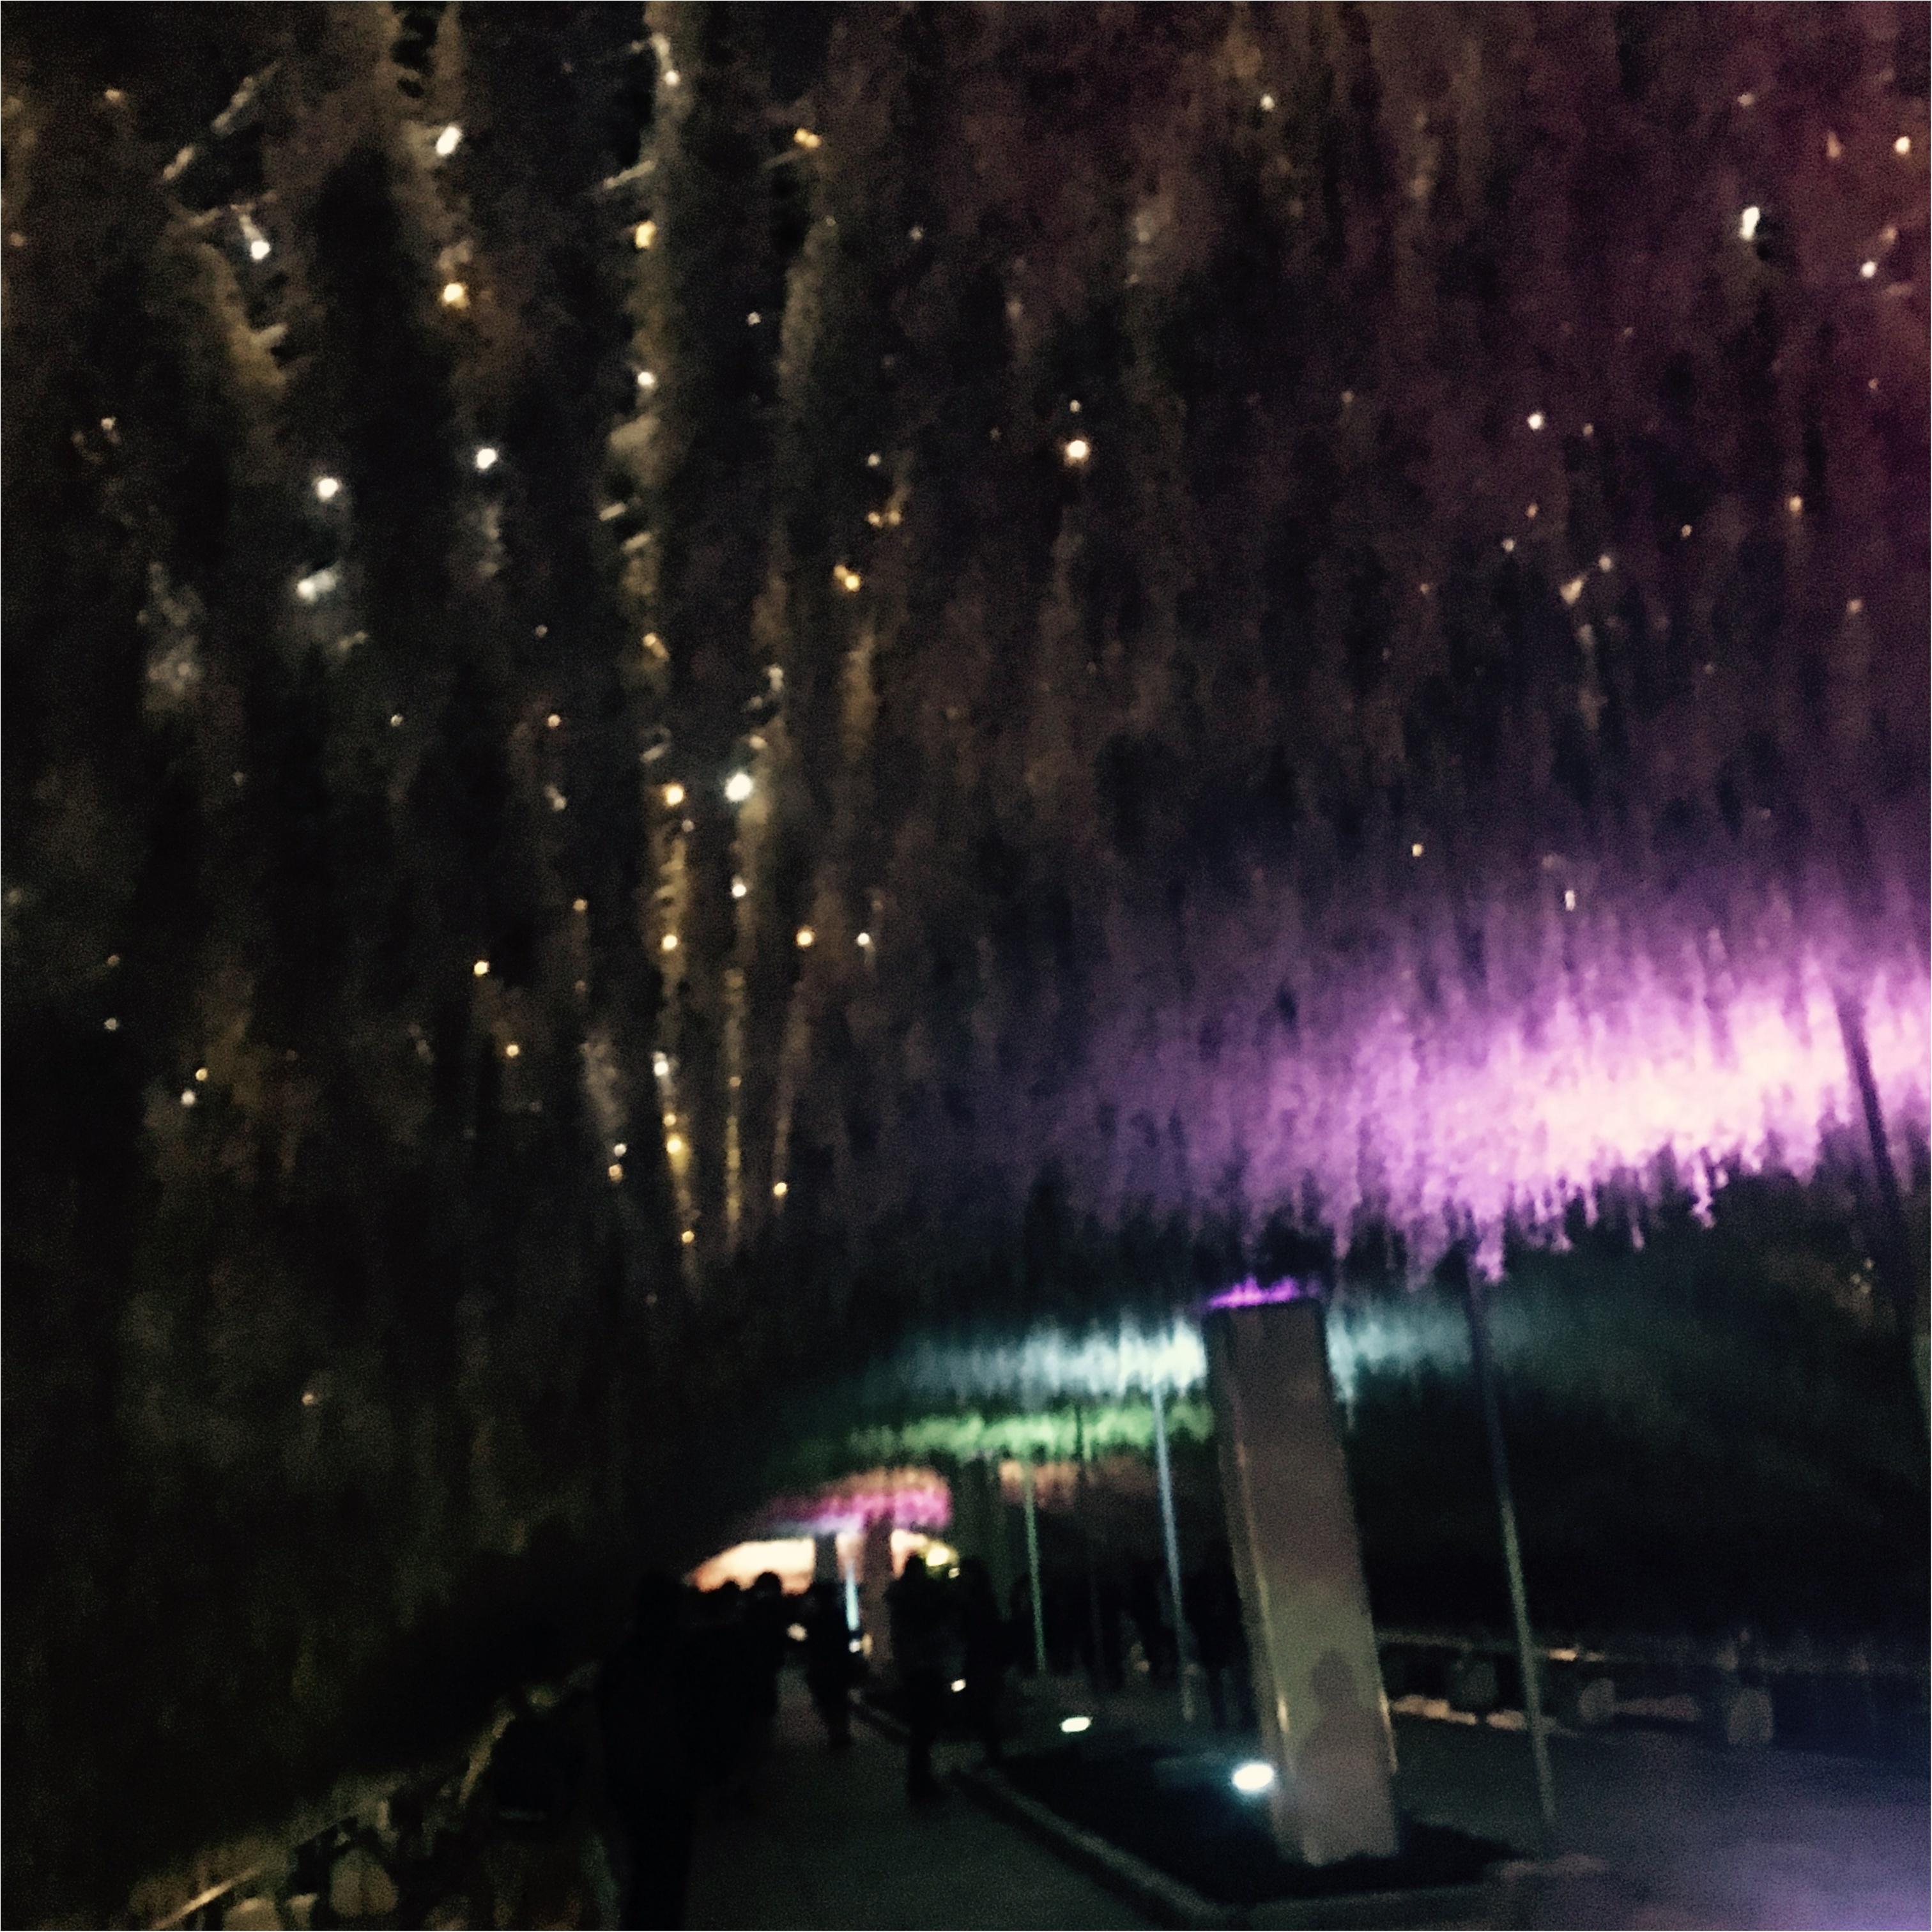 【神戸】で≪世界一高いクリスマスツリー≫が見れちゃうスポット!とってもオススメです!_5